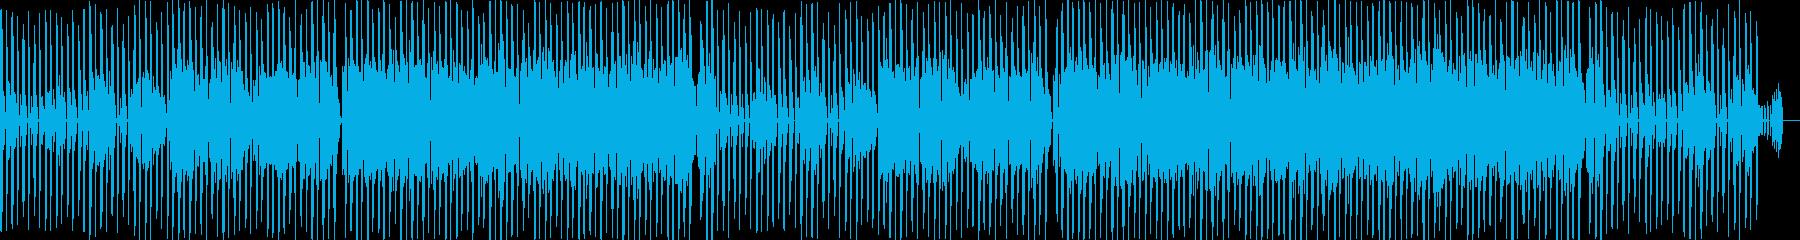 Funk,Hip Hop,R&B,の再生済みの波形